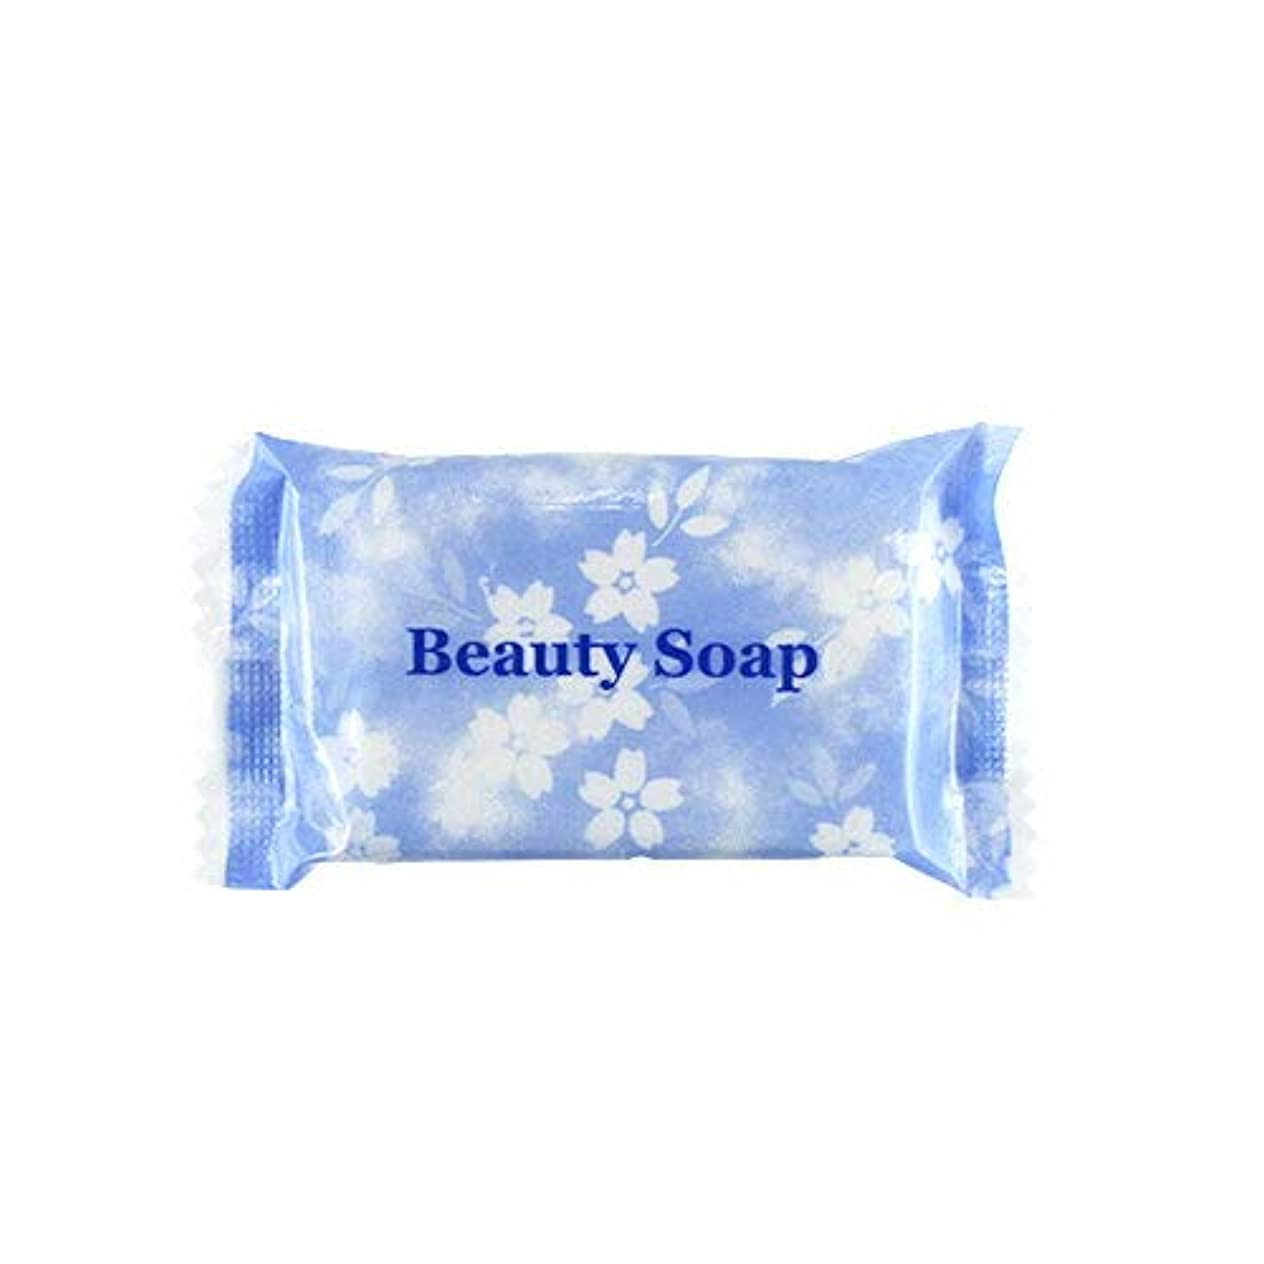 列車バンジージャンプ最悪業務用 クロバーコーポレーション ビューティーソープ(Beauty Soap) 15g×10個セット | ホテルアメニティ 個包装